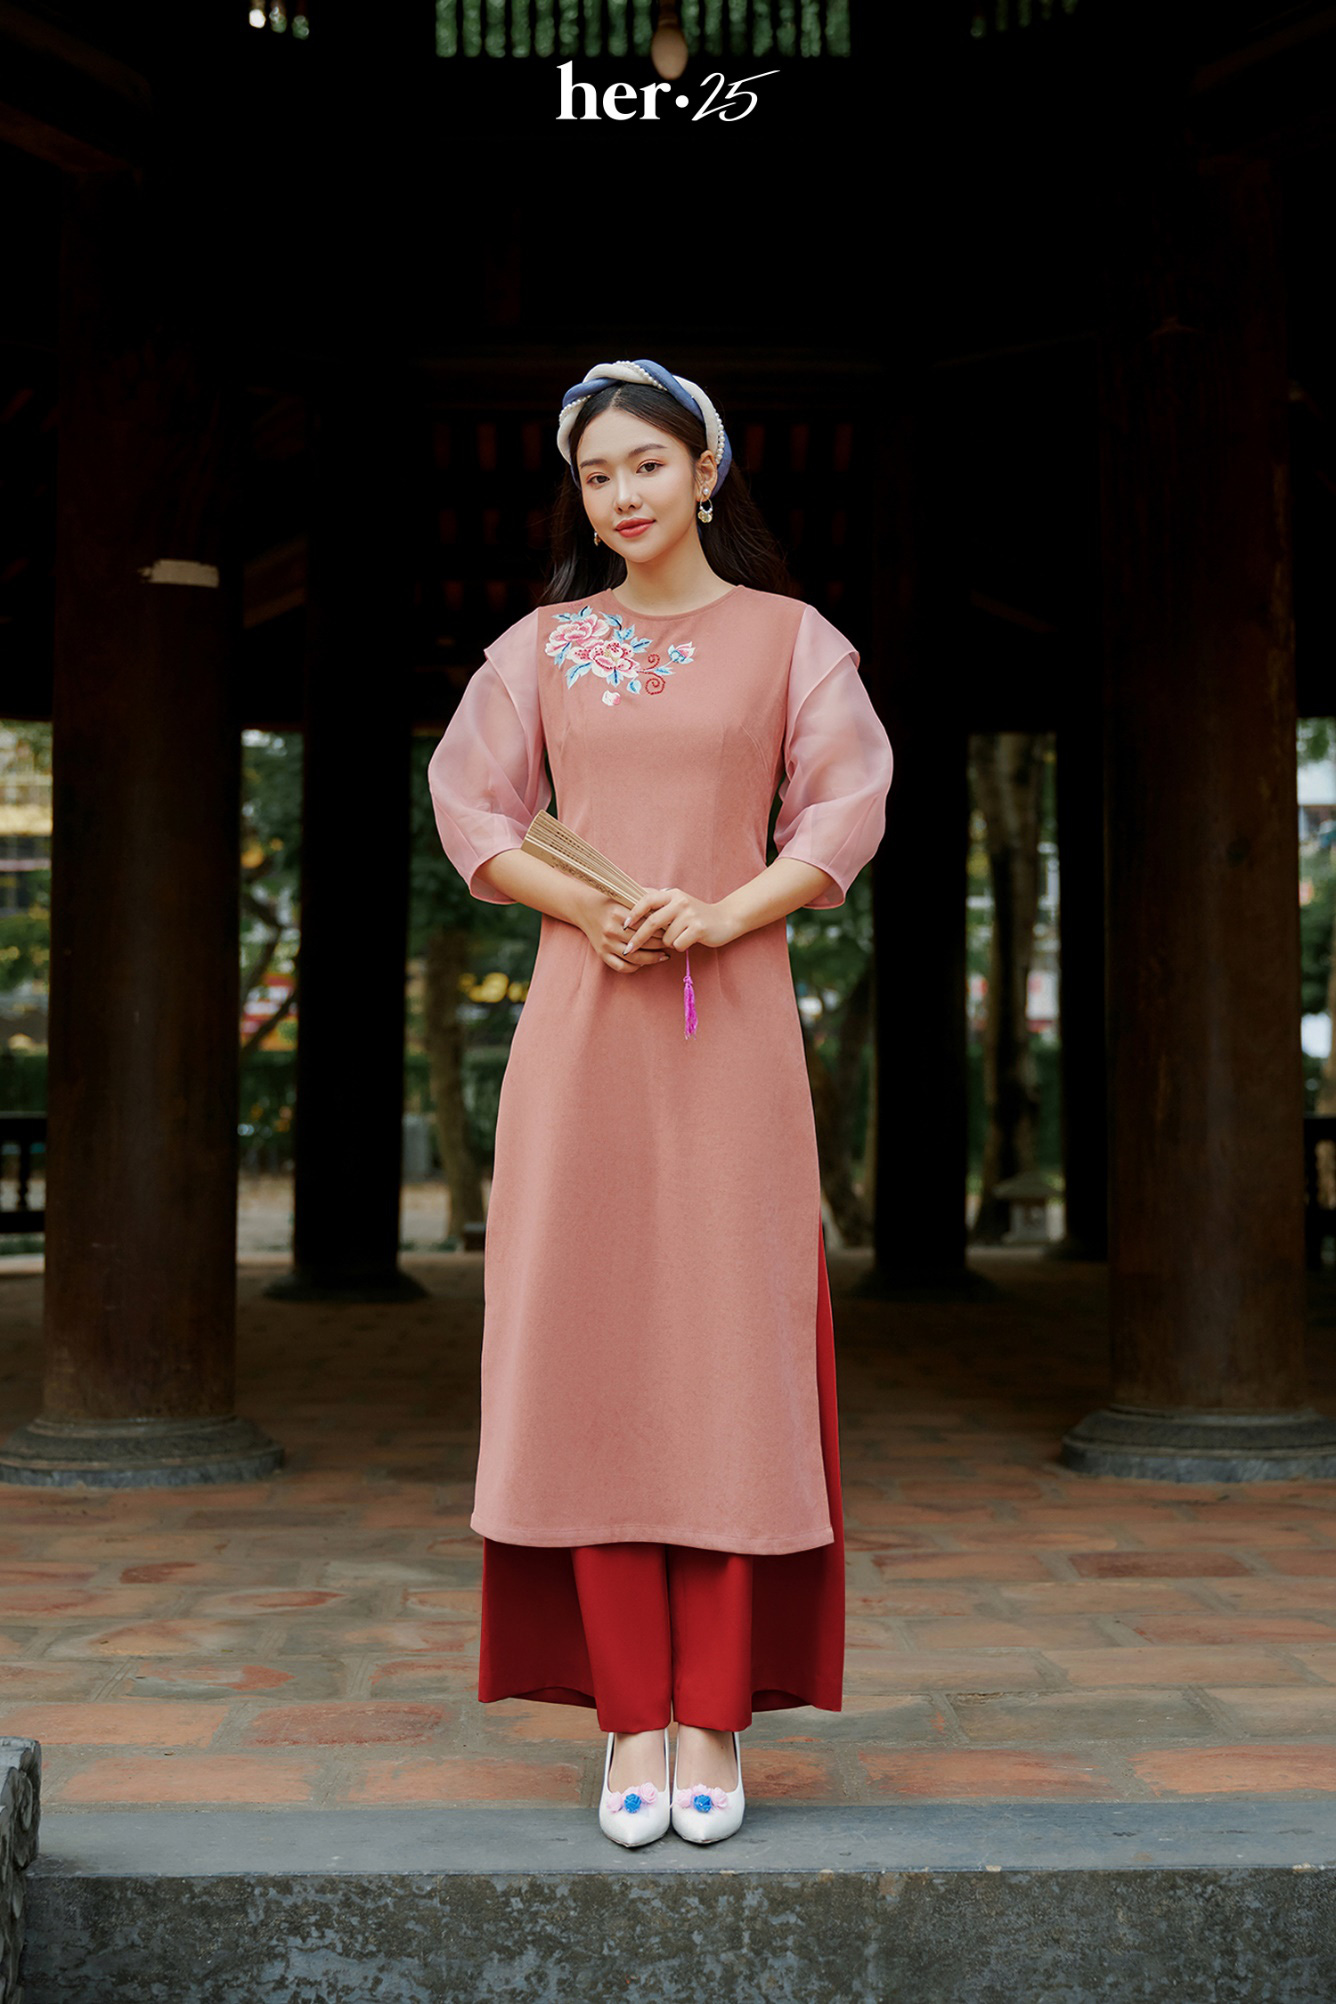 Tết mặc áo dài không mập với 5 tips dễ thử từ HER 25 - Ảnh 1.